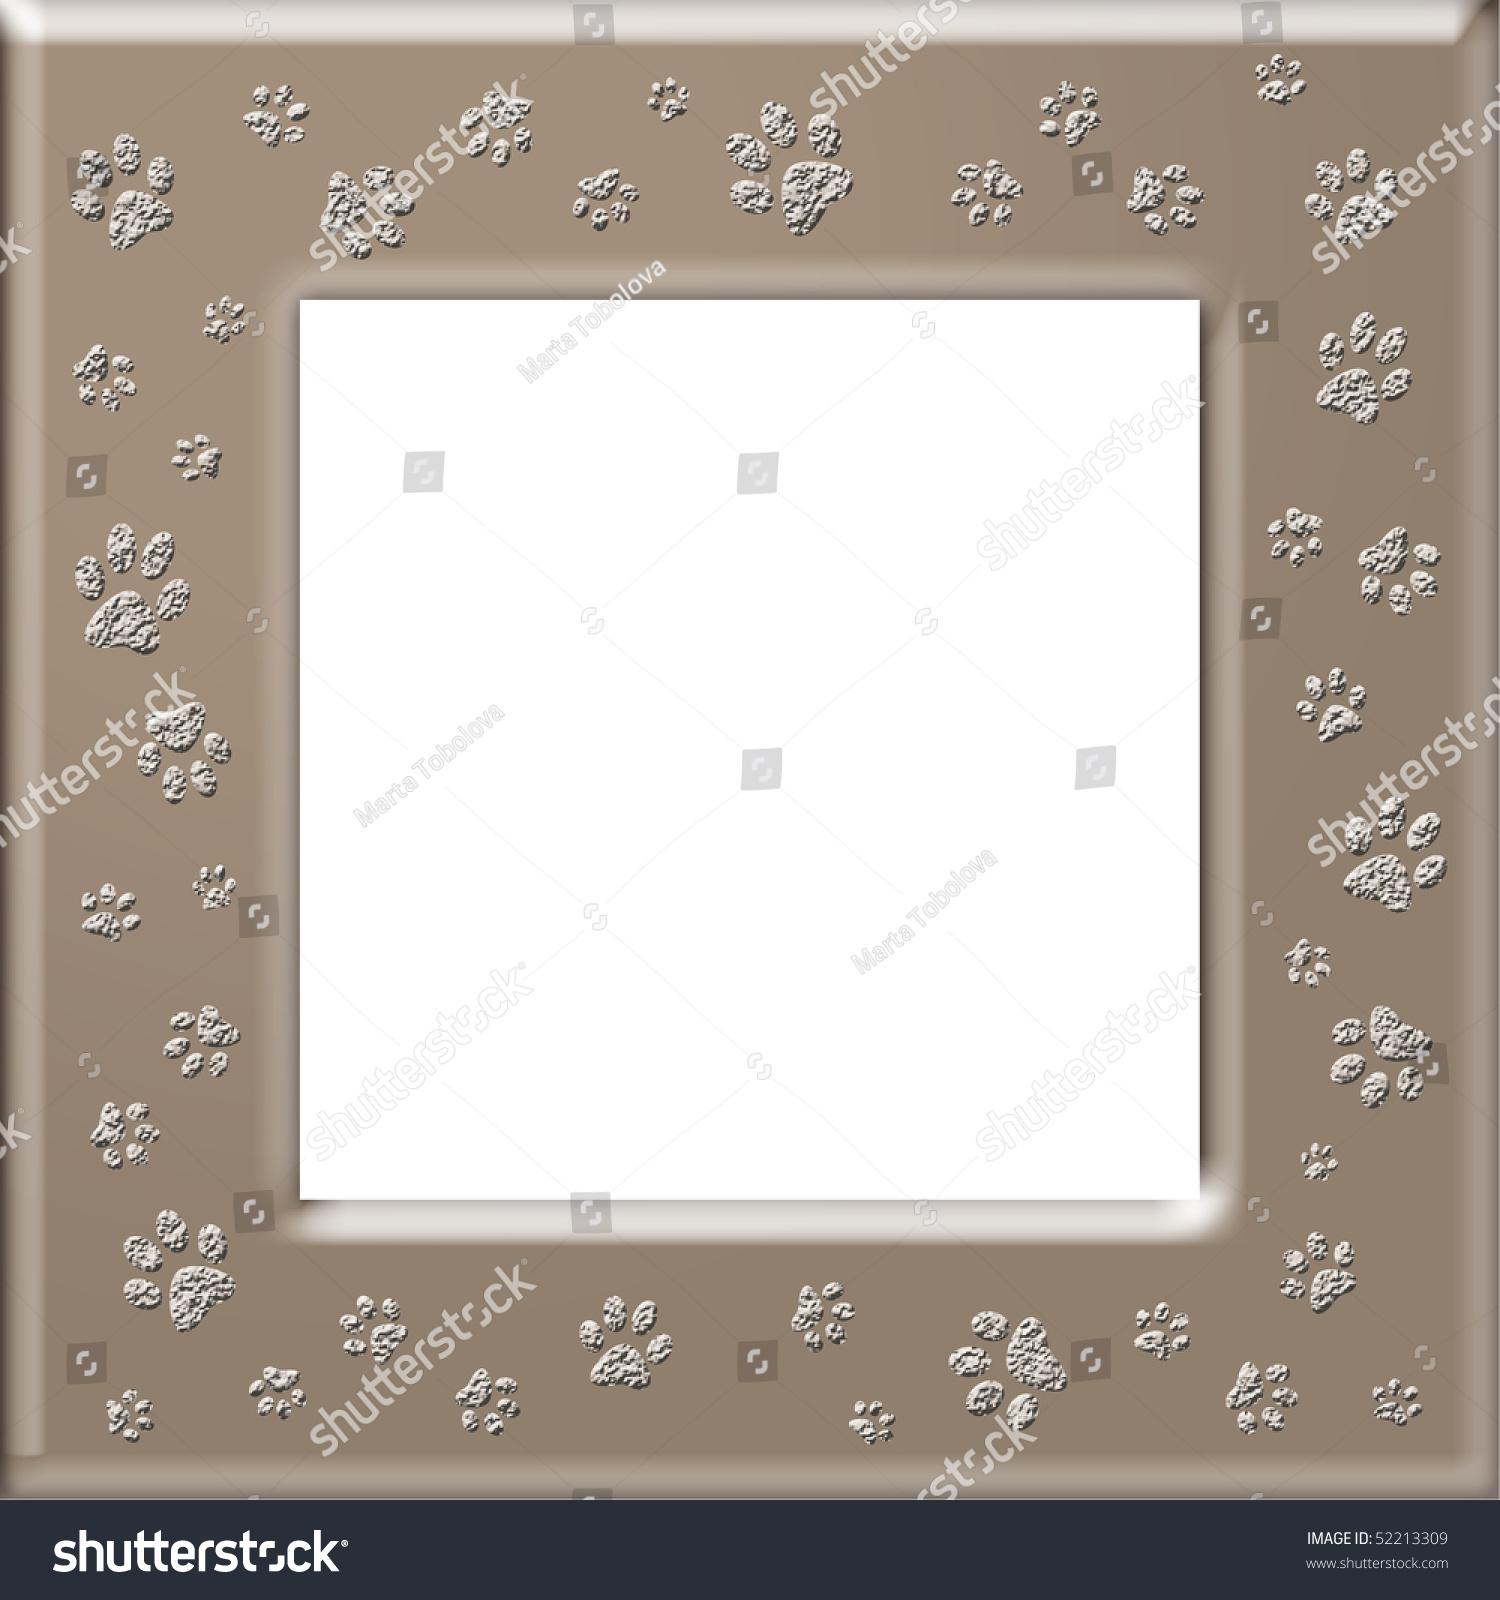 Paw Print Frame Stock Illustration 52213309 - Shutterstock